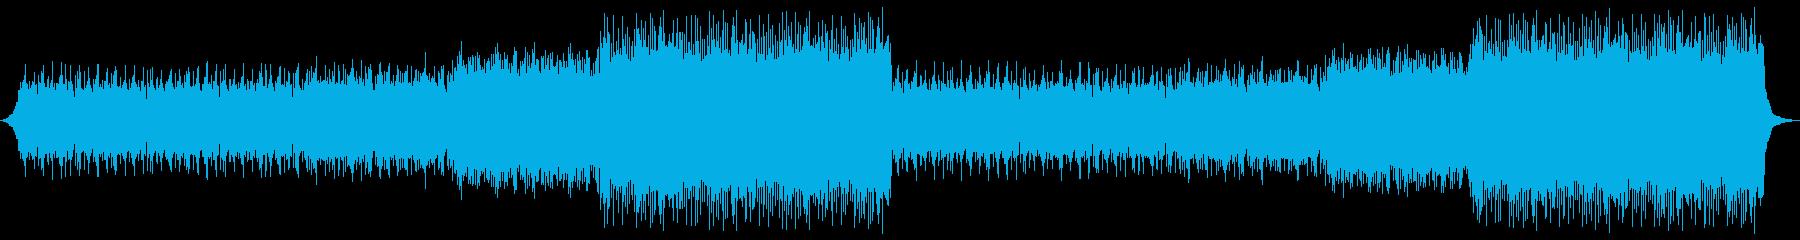 爽やかで温かいエンディングの再生済みの波形